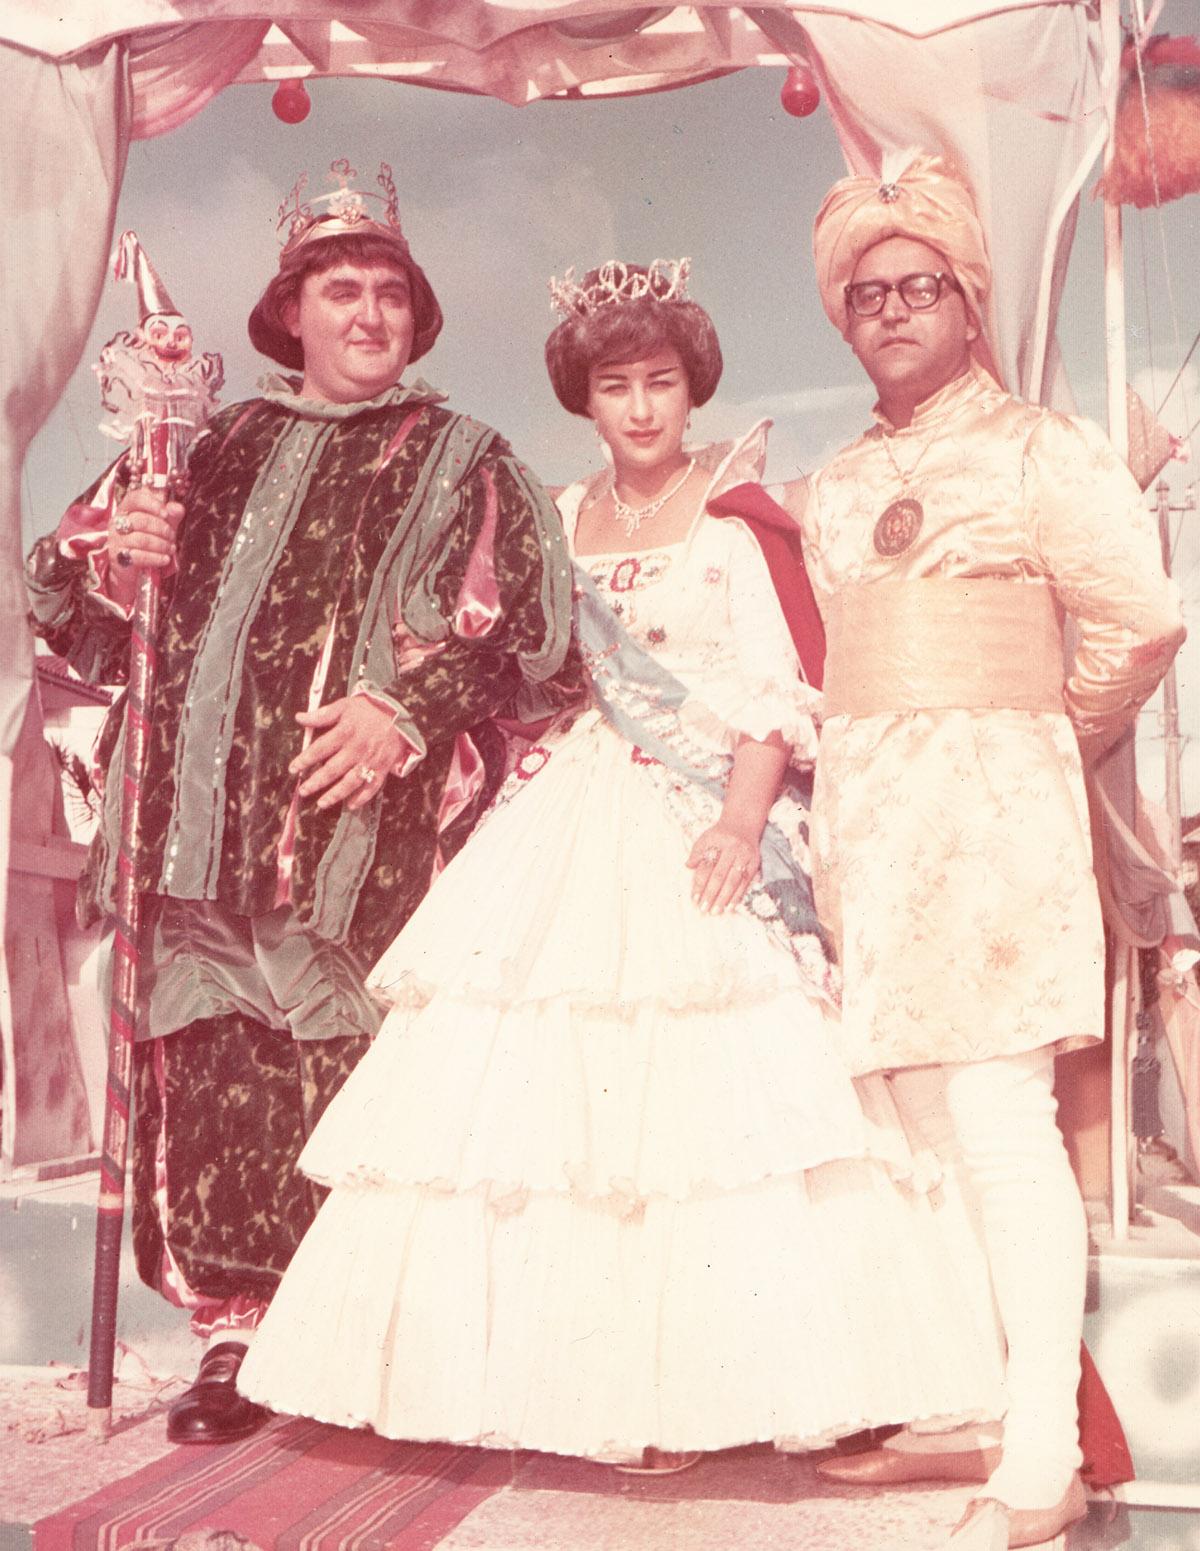 Corte Carnavalesca de 1962, com a Rainha Assunta Lancelotti e o Chanceler Bandeira Júnior. Clique na imagem para ver maior.